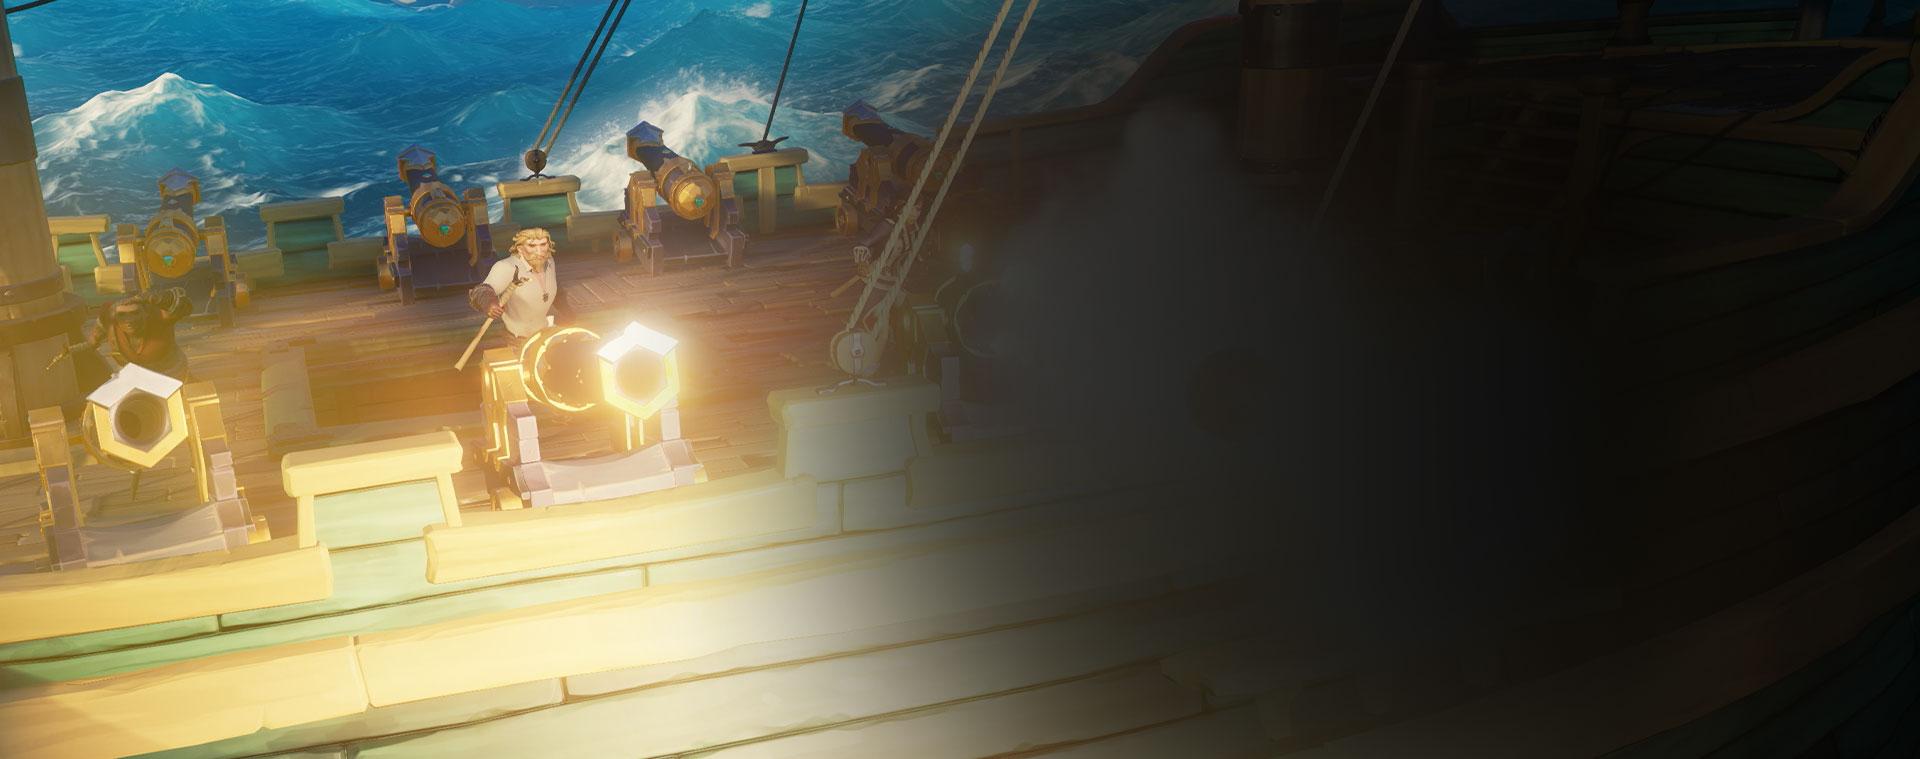 배에서 대포를 쏘는 Sea of Thieves 캐릭터